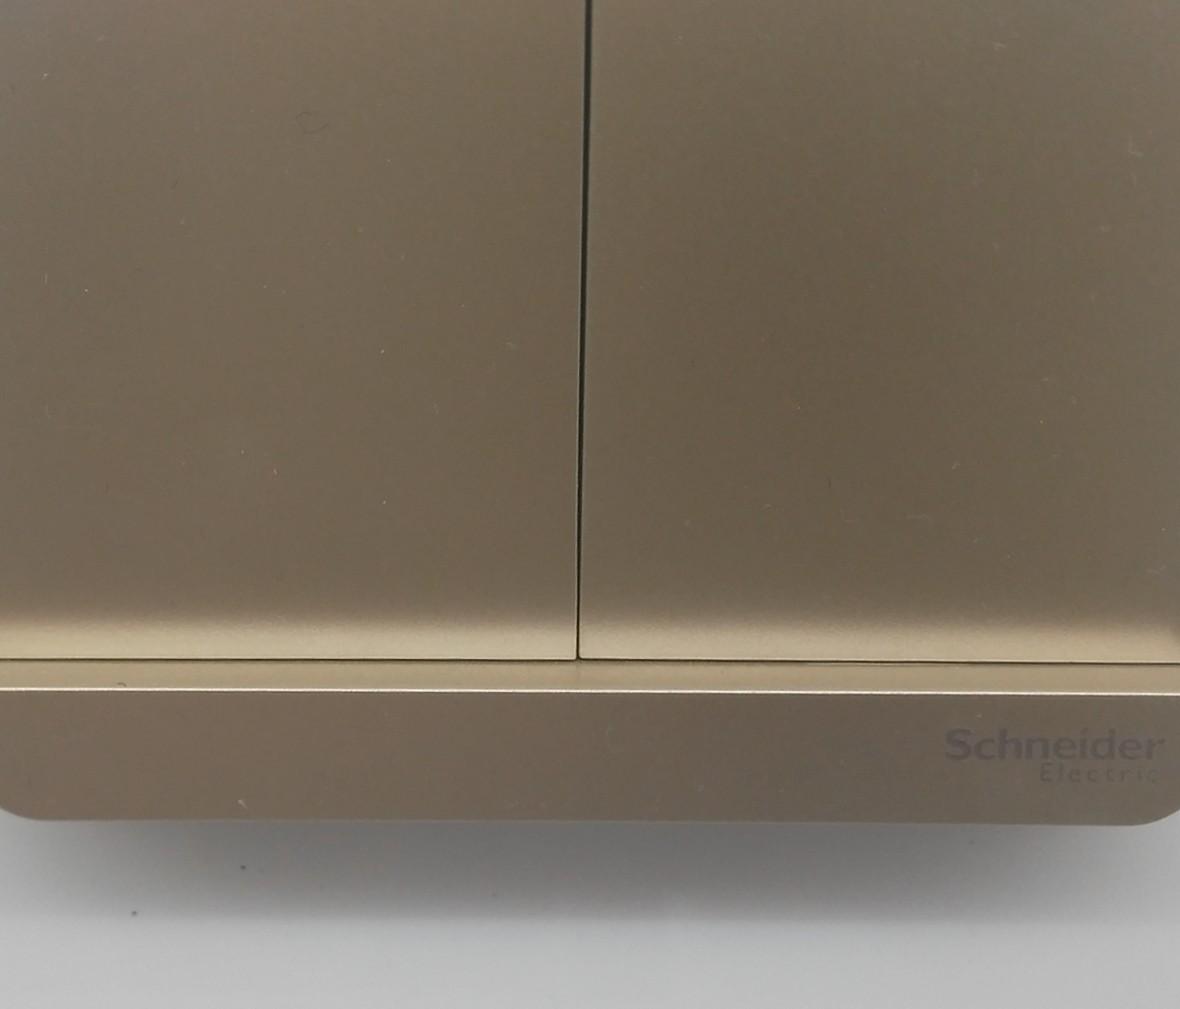 施耐德 蓝韵系列 双开开关 PC材质 耐高温 防漏电 安全插座 细节